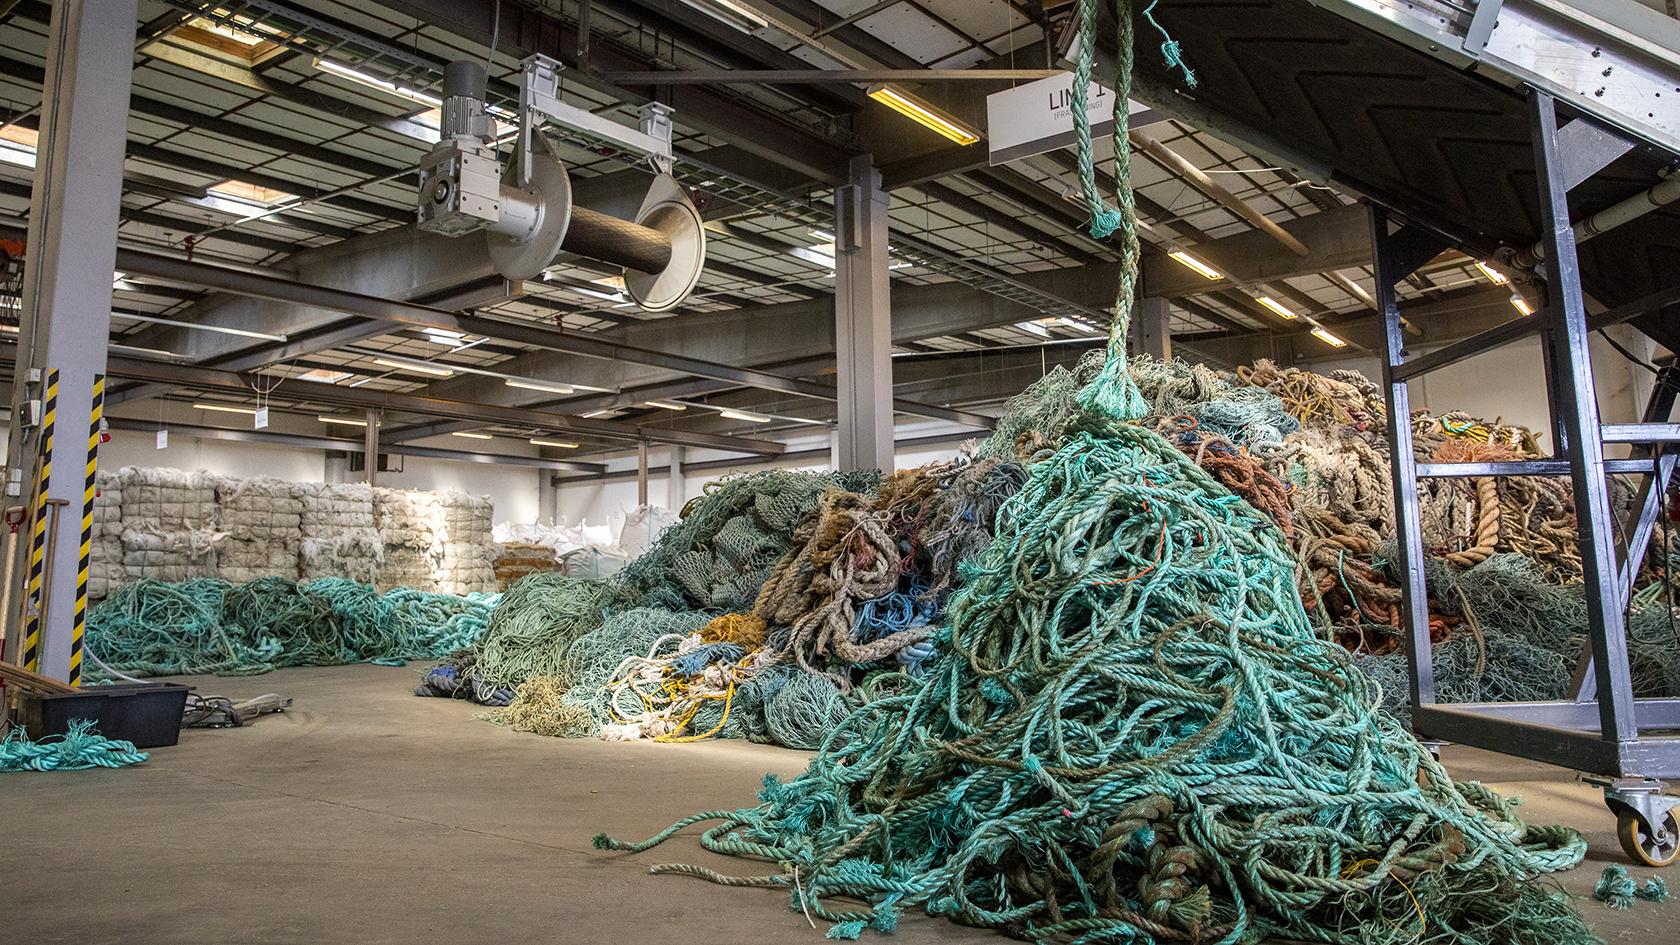 Processen starter med en grovsortering af fiskeudstyret i plasttype. Indtil videre har Plastix fundet 700 forskellige kombinationer.